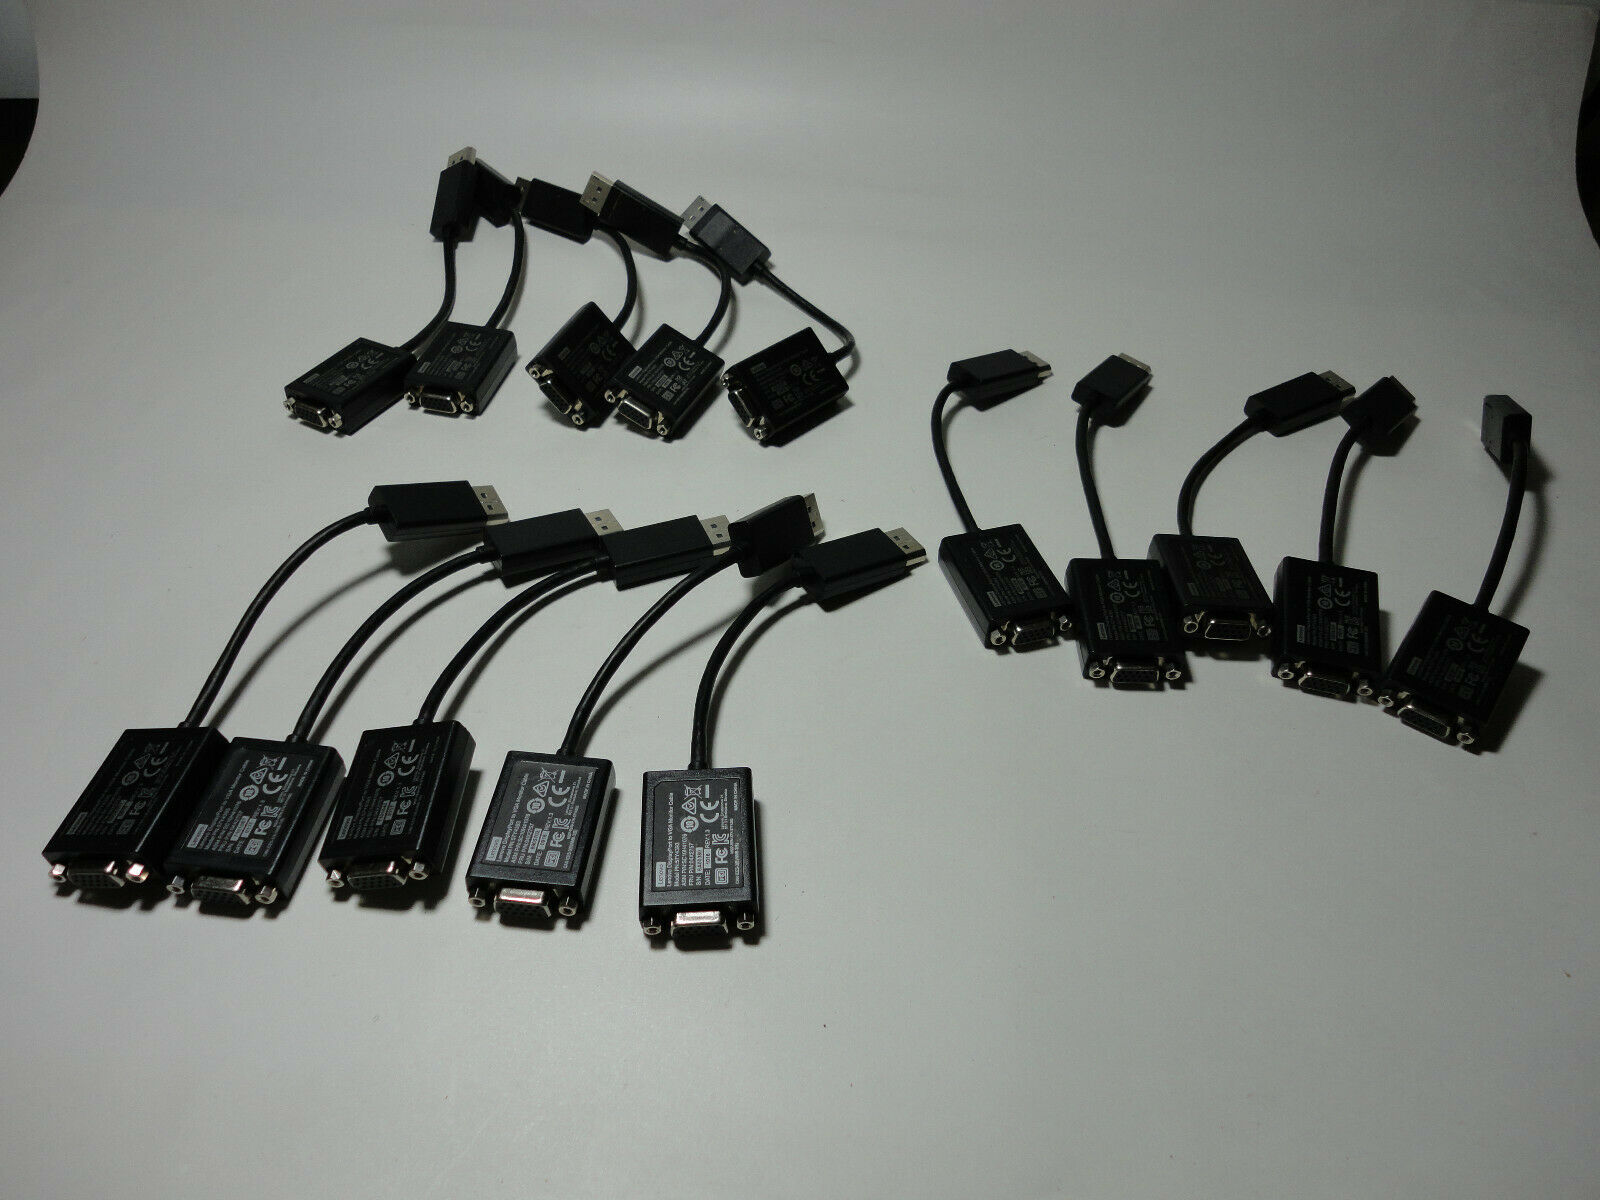 57Y4393 Renewed Lenovo DisplayPort to VGA Analog Monitor Cable